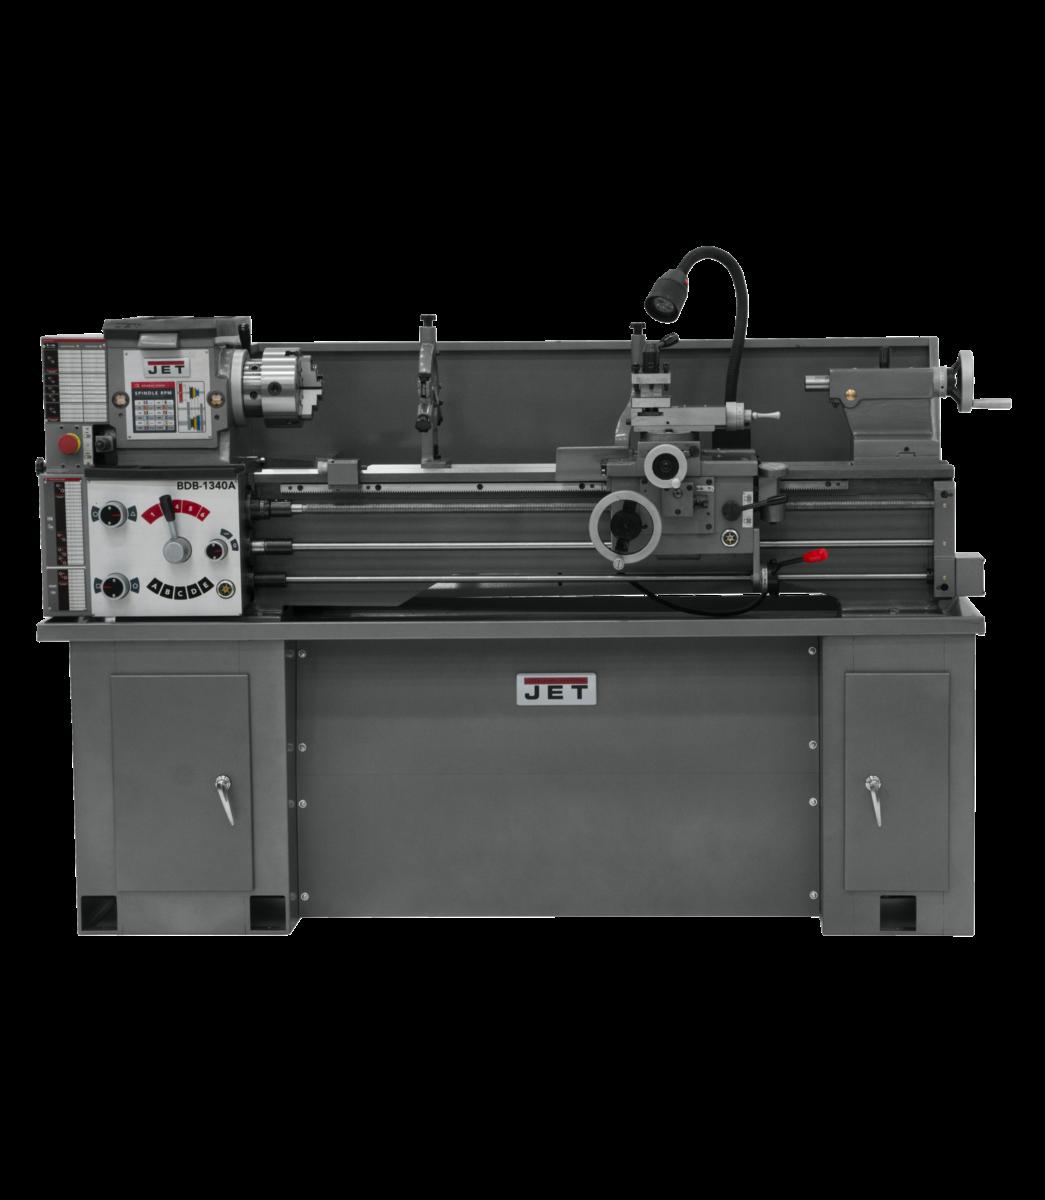 BDB-1340A-TAK, torno con accesorio de ahusamiento instalado